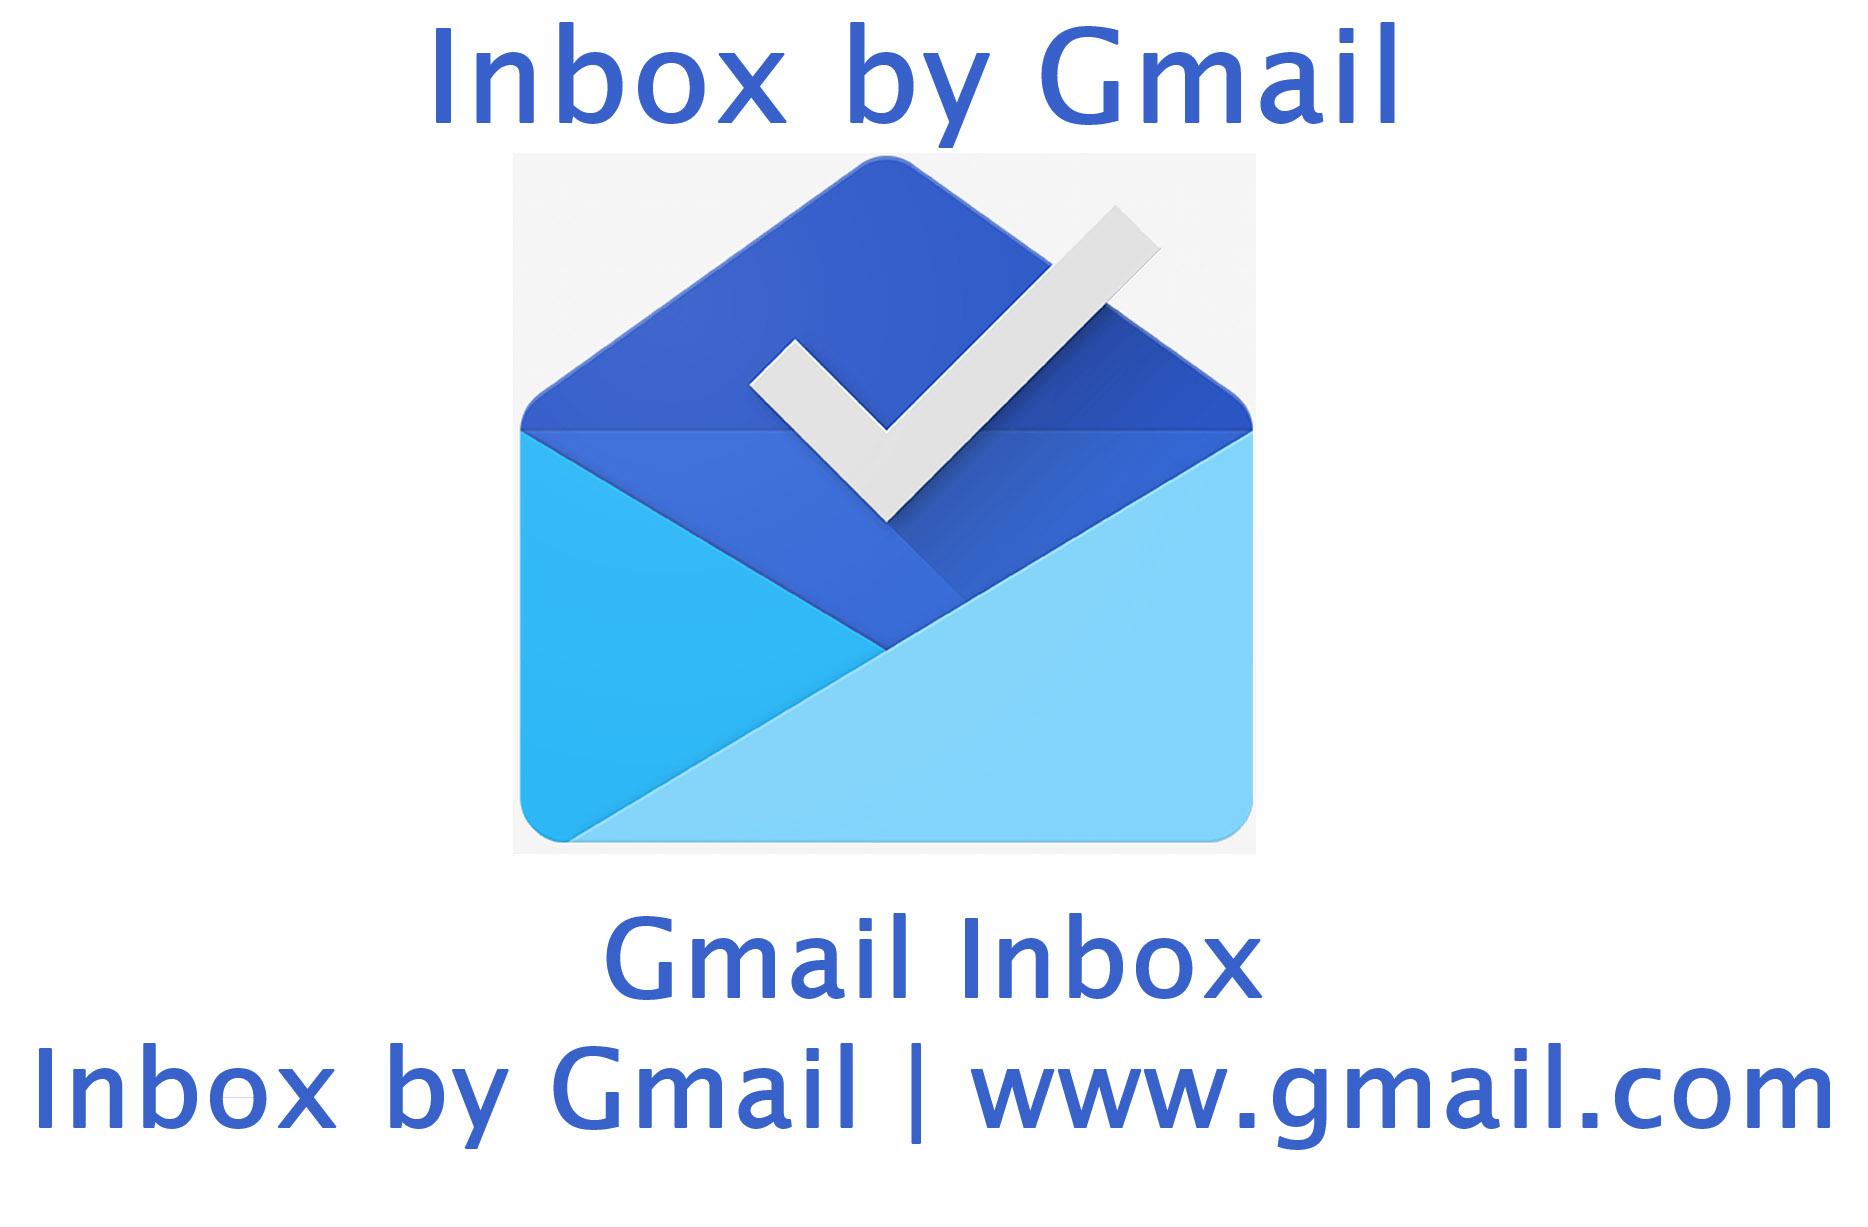 Gmail Inbox - Inbox by Gmail | www.gmail.com